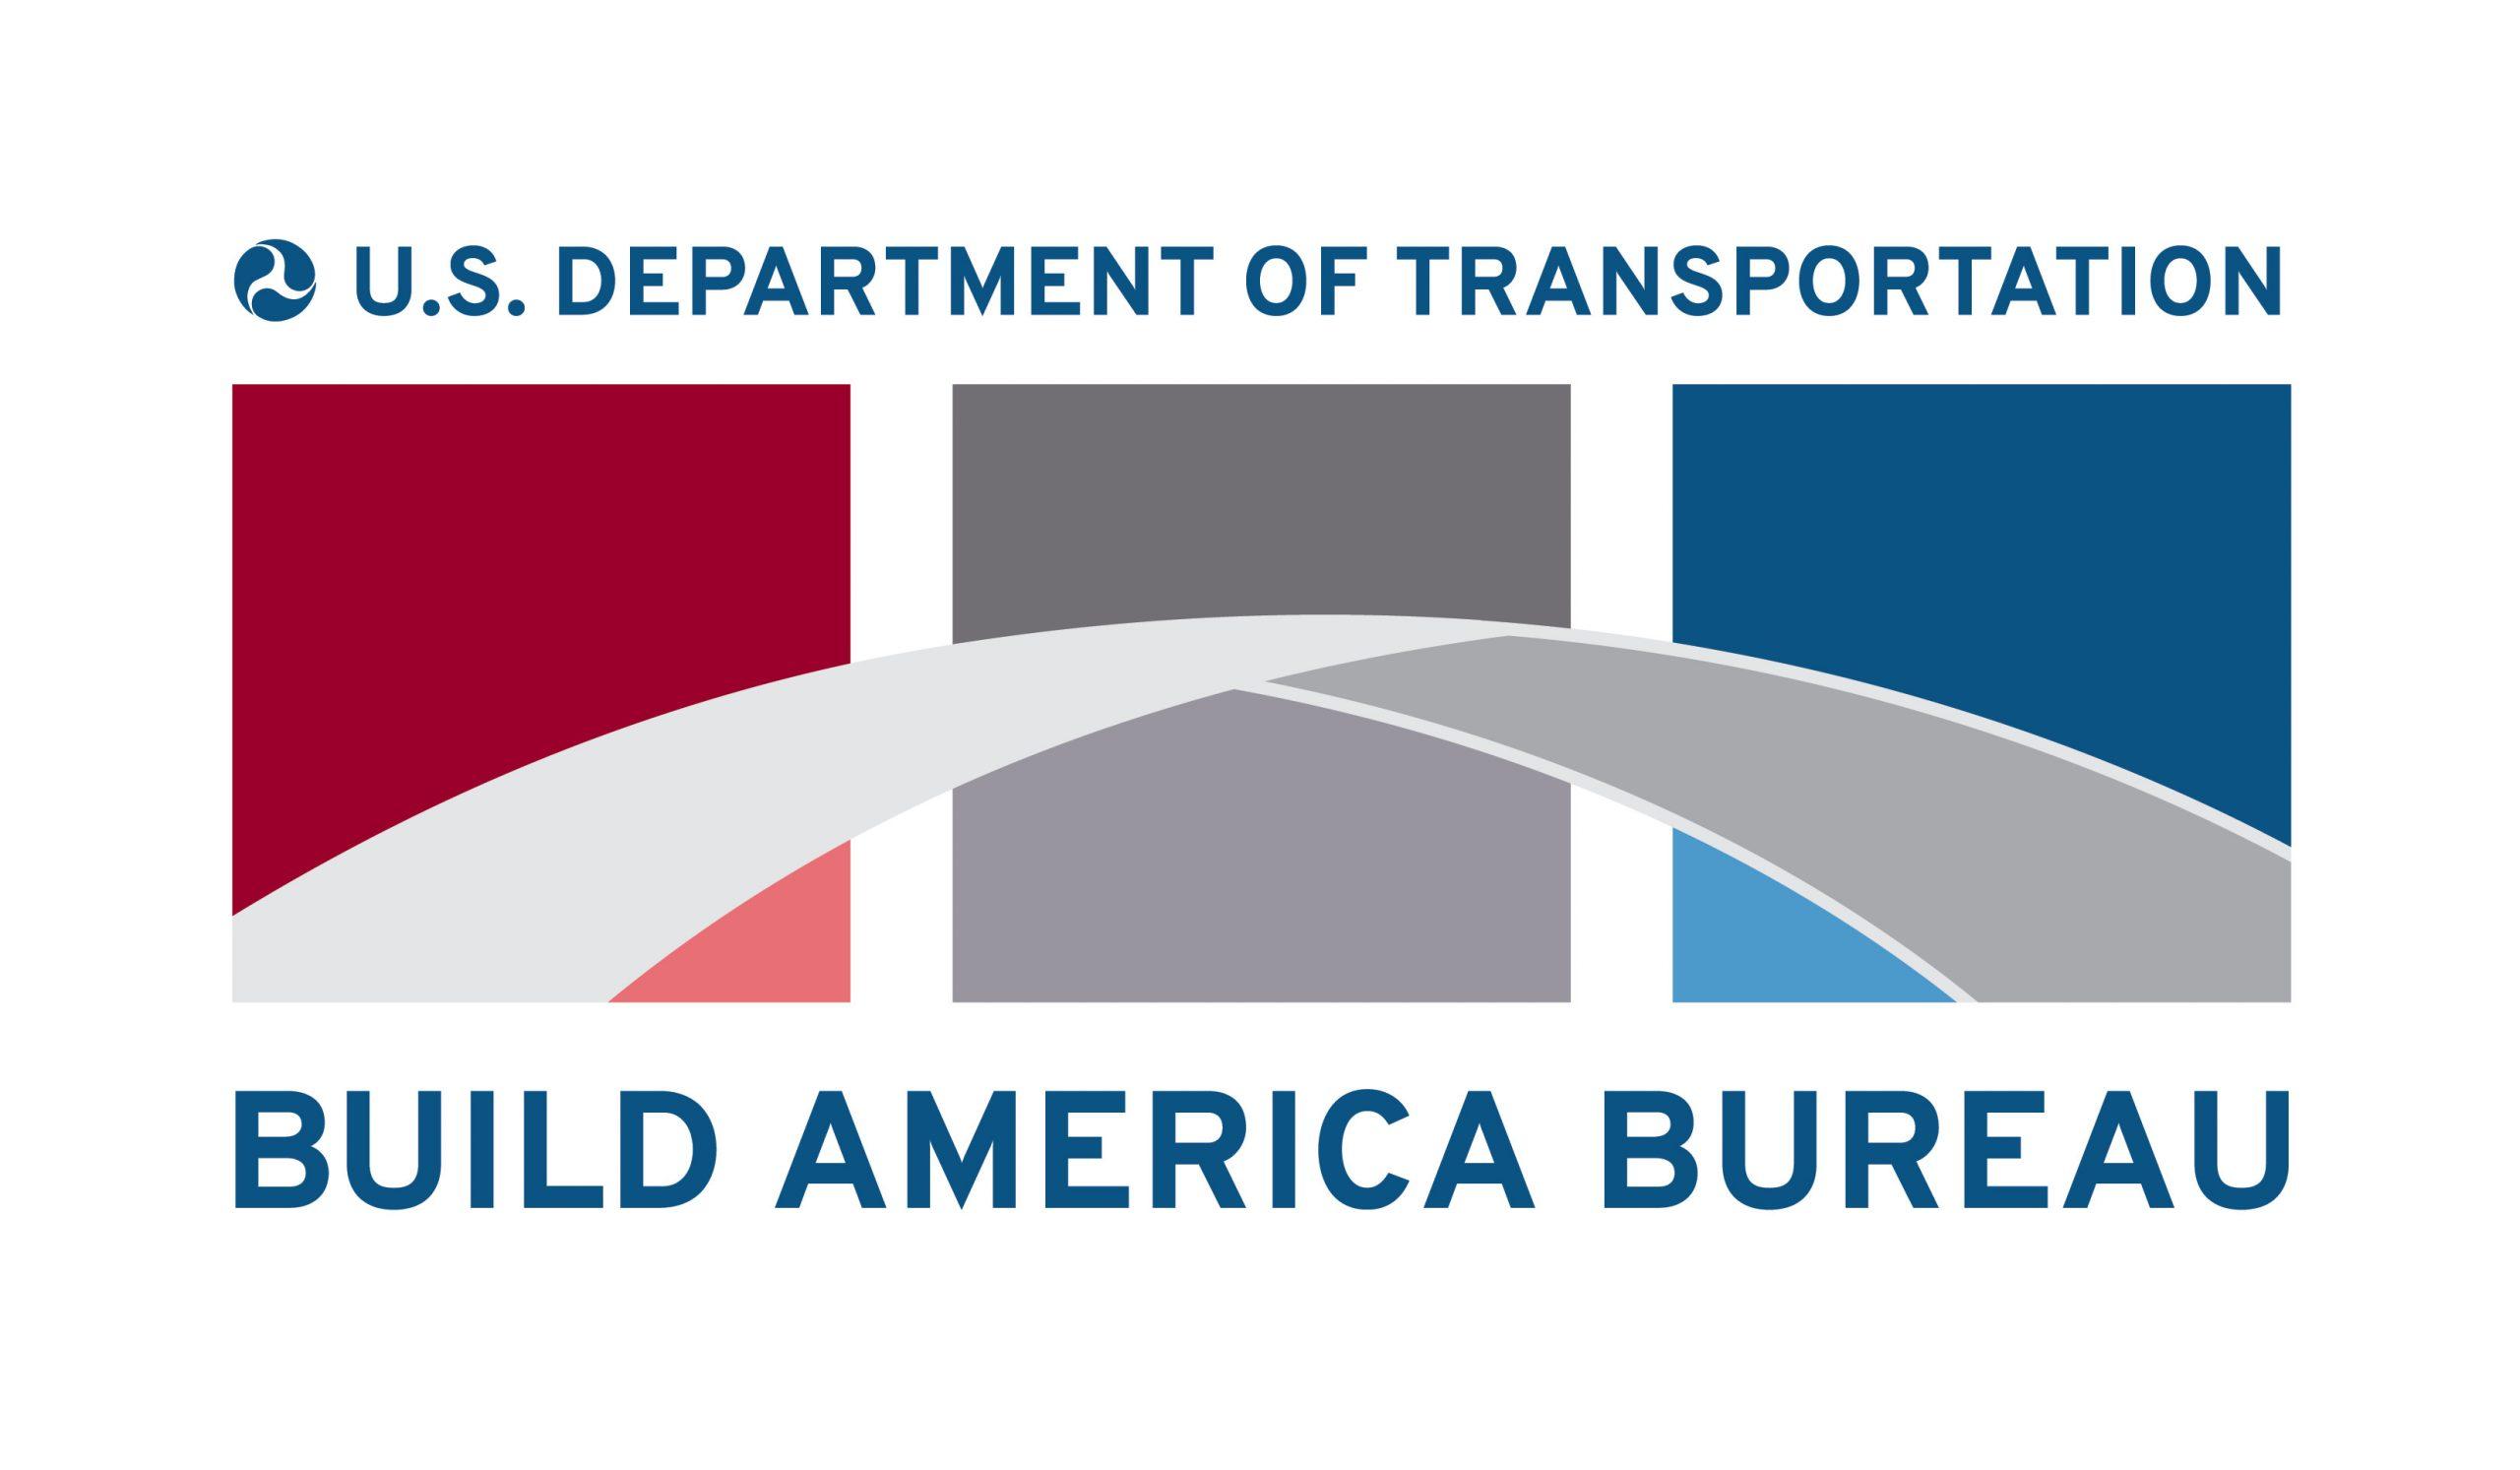 U.S. Department of Transportation, Build America Bureau